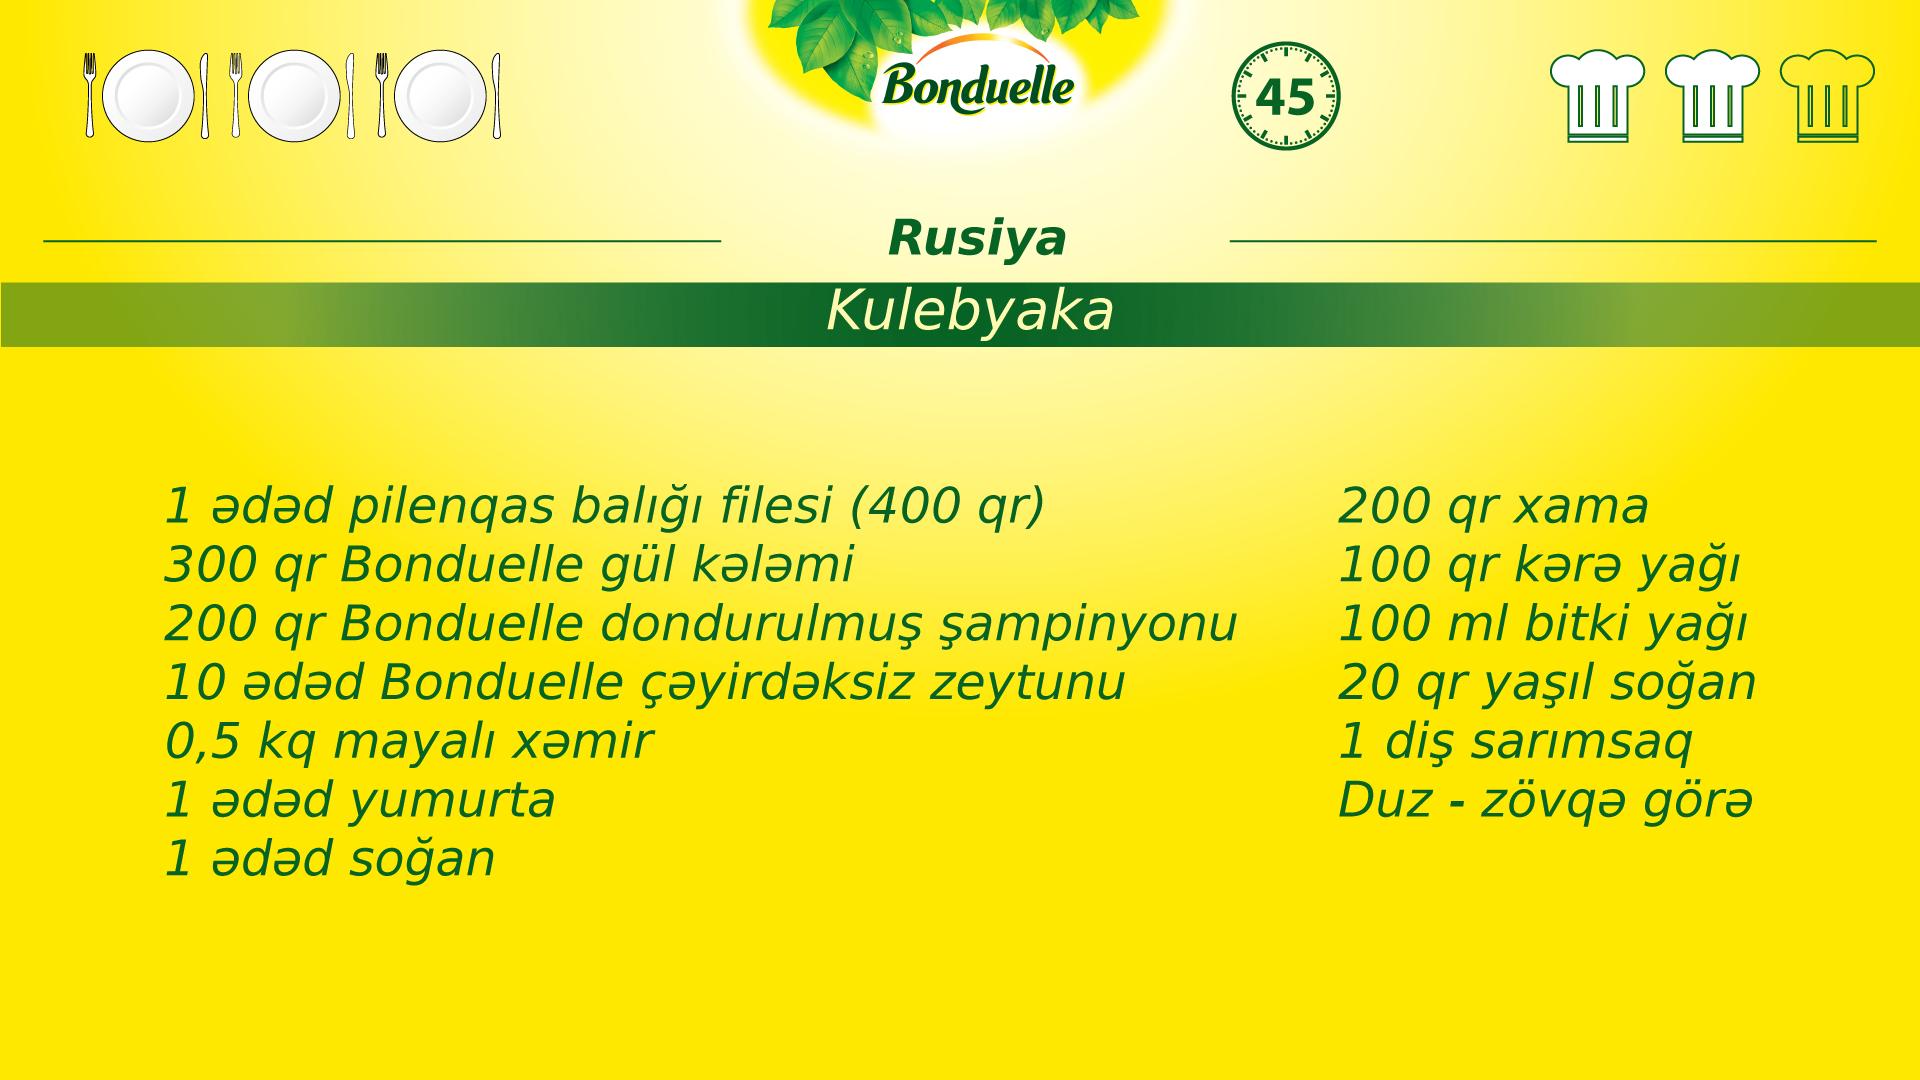 Rus kulebyakası